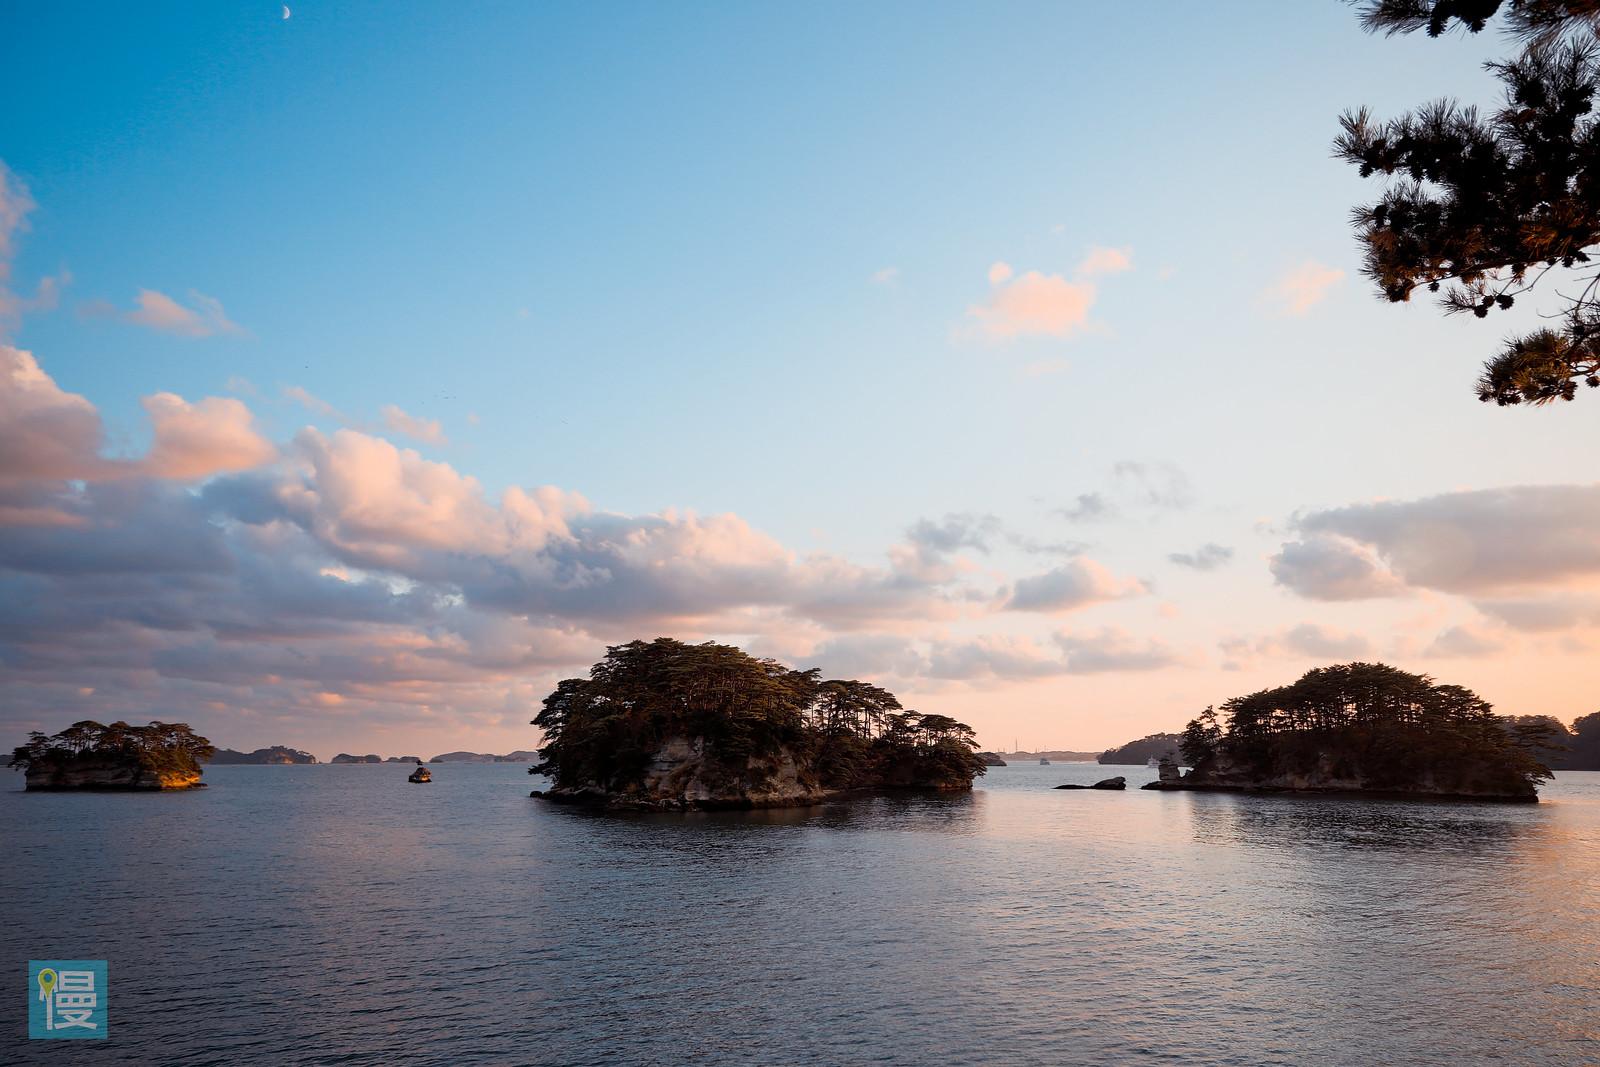 松島海岸 2016 - 486